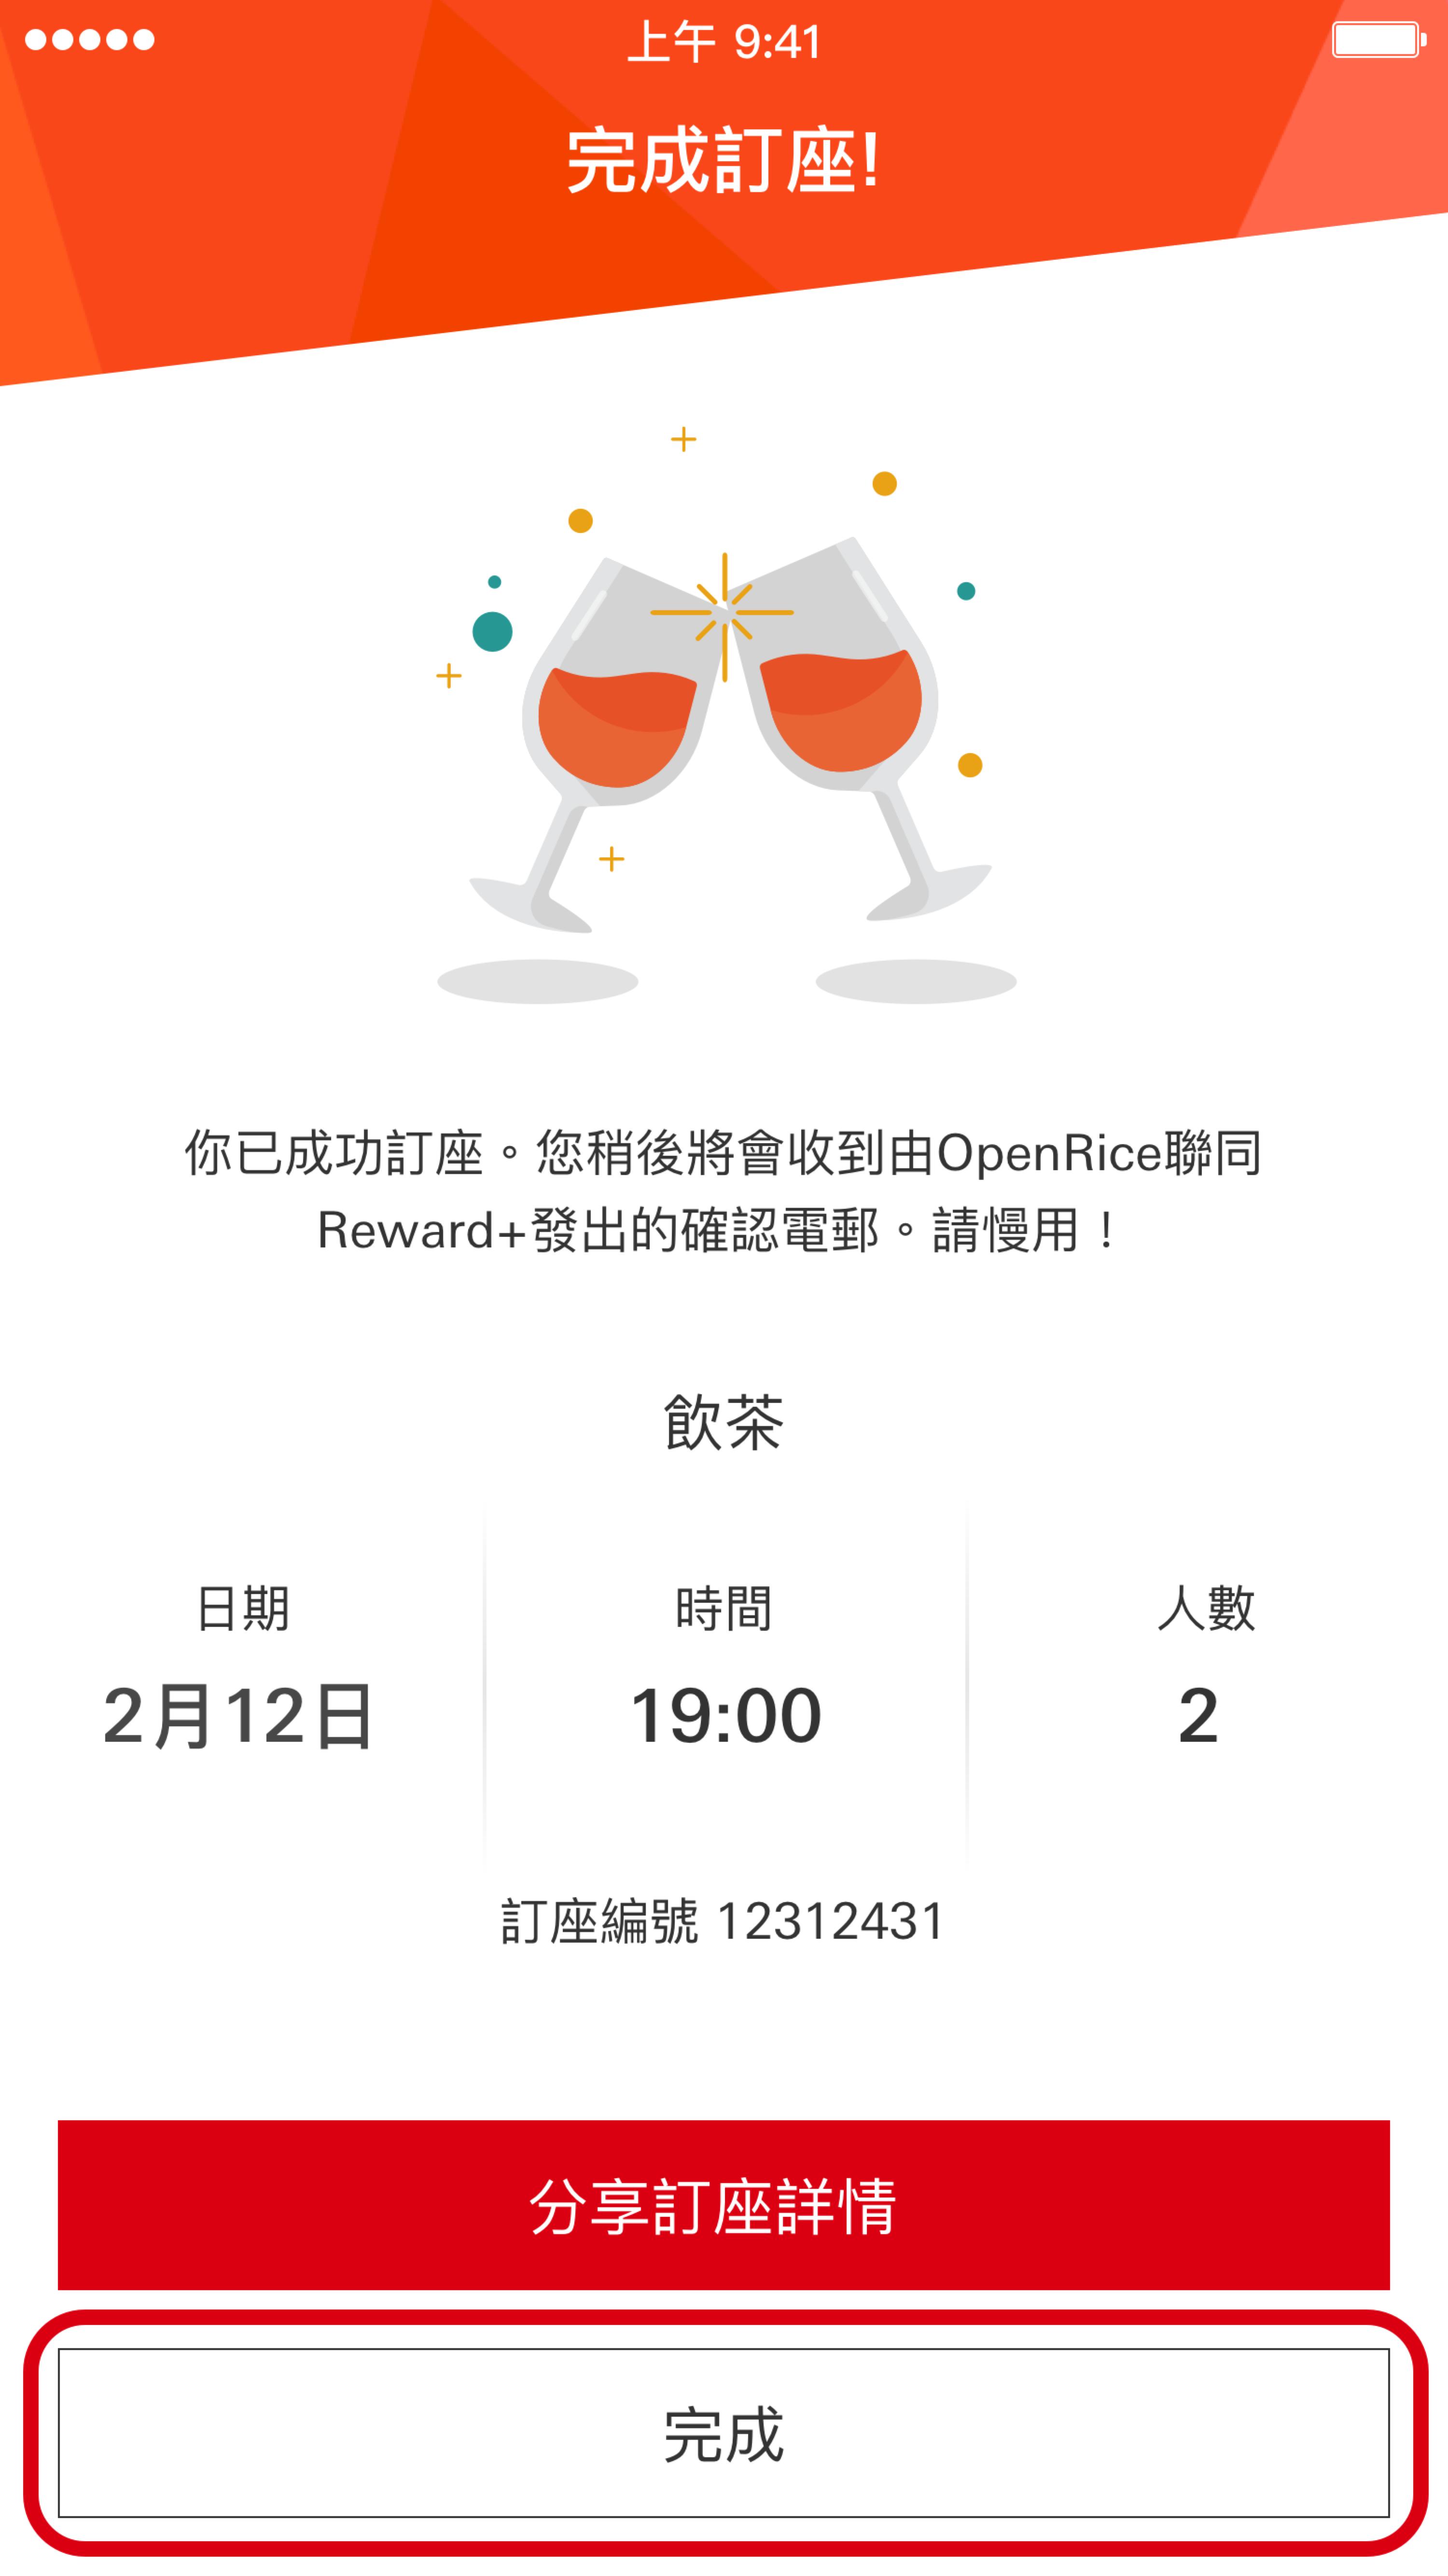 滙豐Reward+ 訂枱食飯